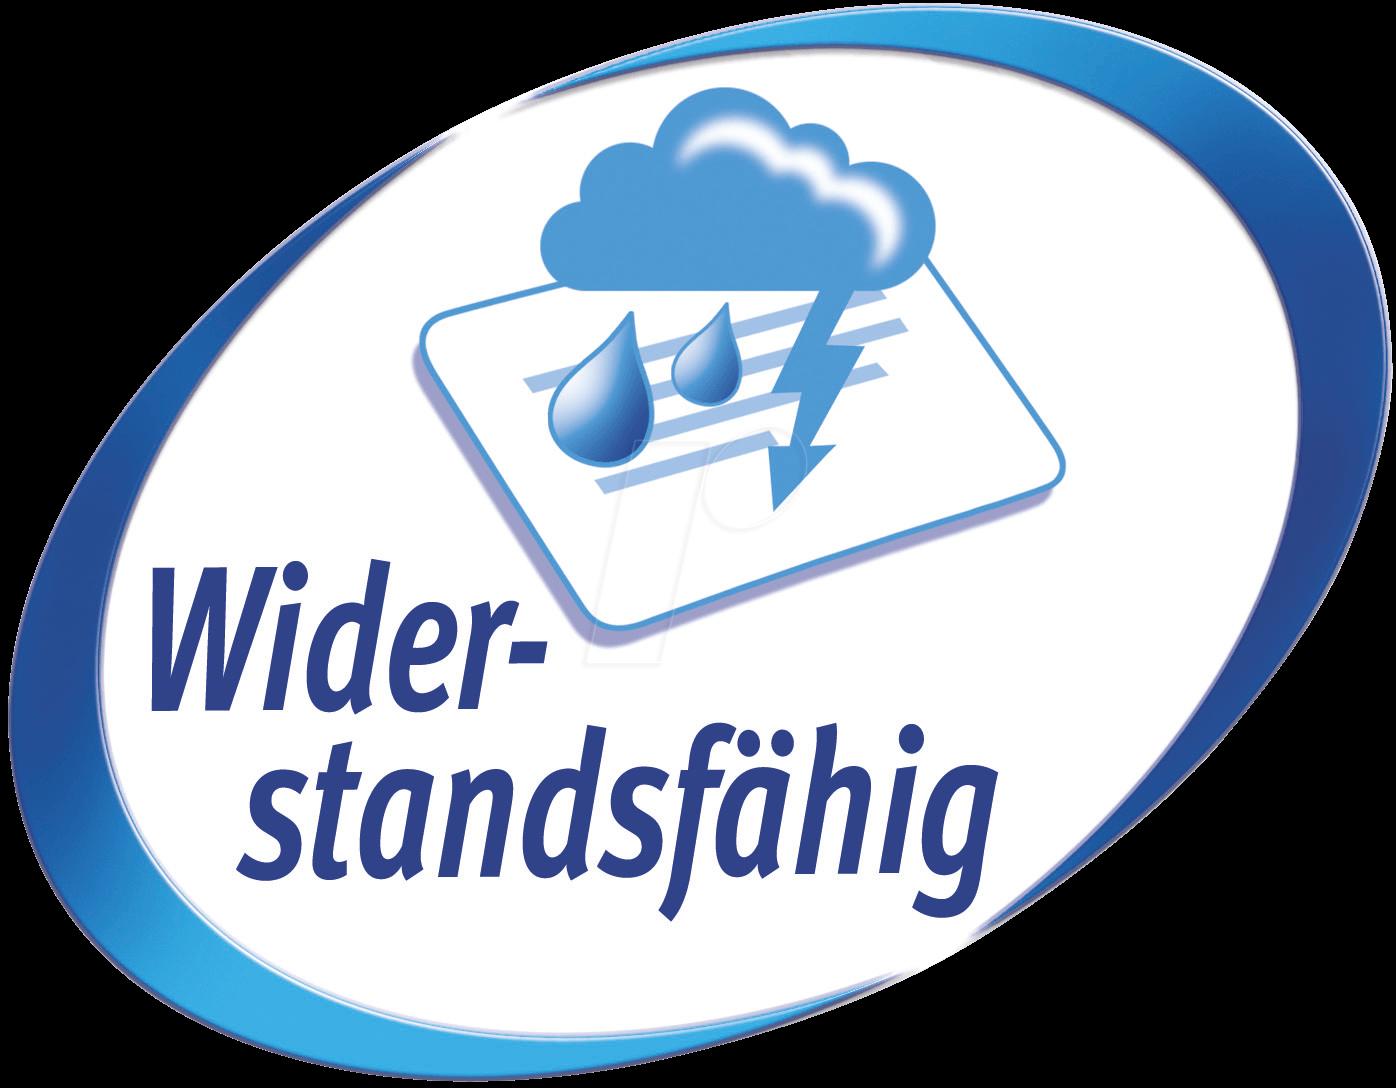 https://cdn-reichelt.de/bilder/web/xxl_ws/E460/WIDERSTANDSFAEHIG_DE_BLUE.png